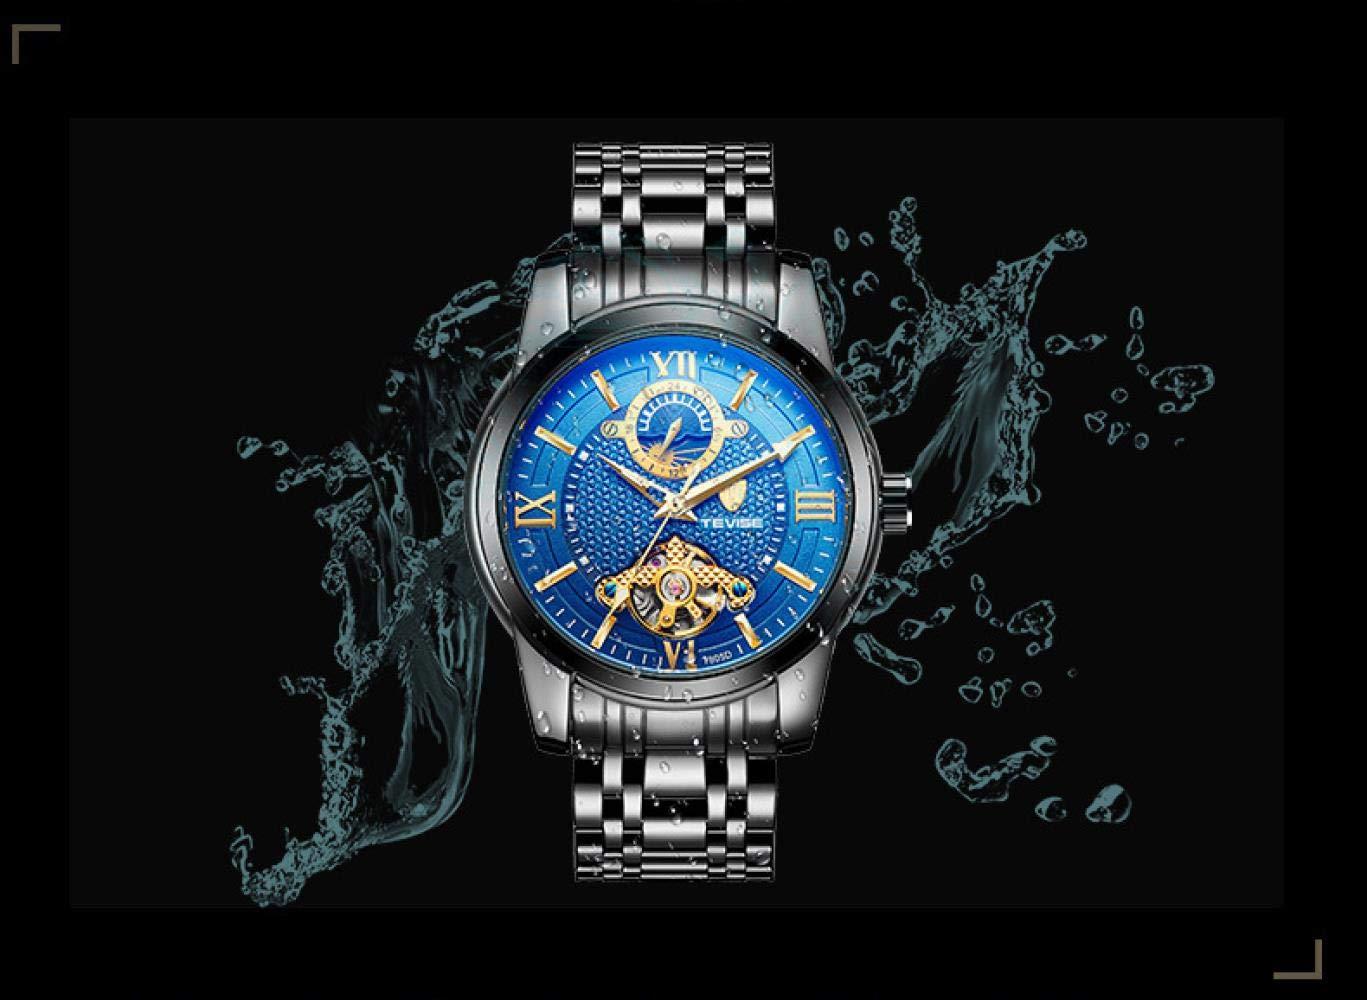 Armbandsur, mäns automatiska mekaniska klocka genom botten av den vattentäta klockan Full Gold